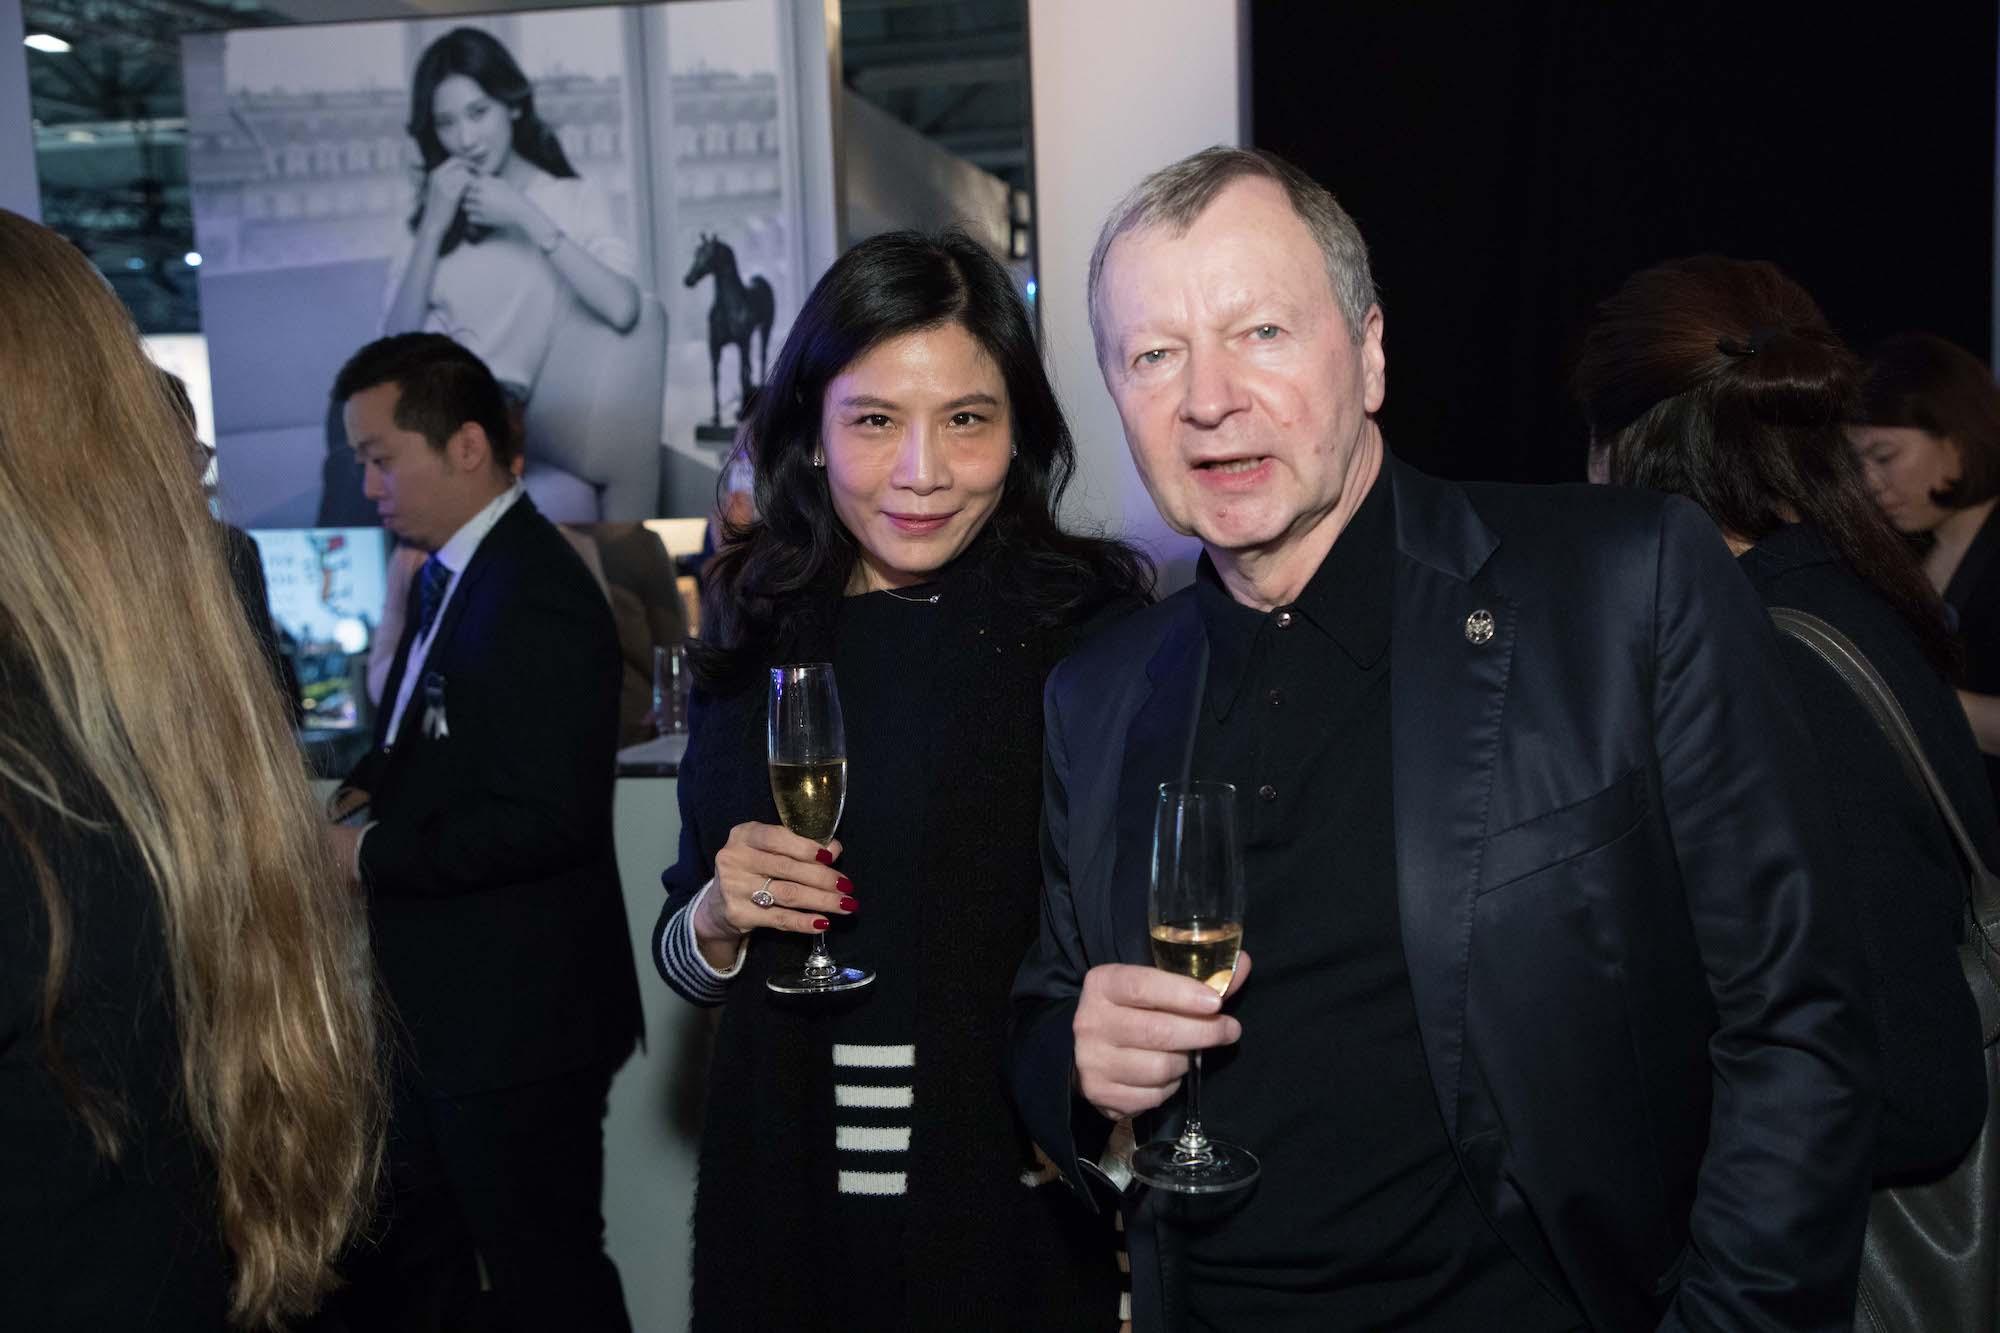 Winnie Engelbrecht-Bresges and Winfried Engelbrecht-Bresges